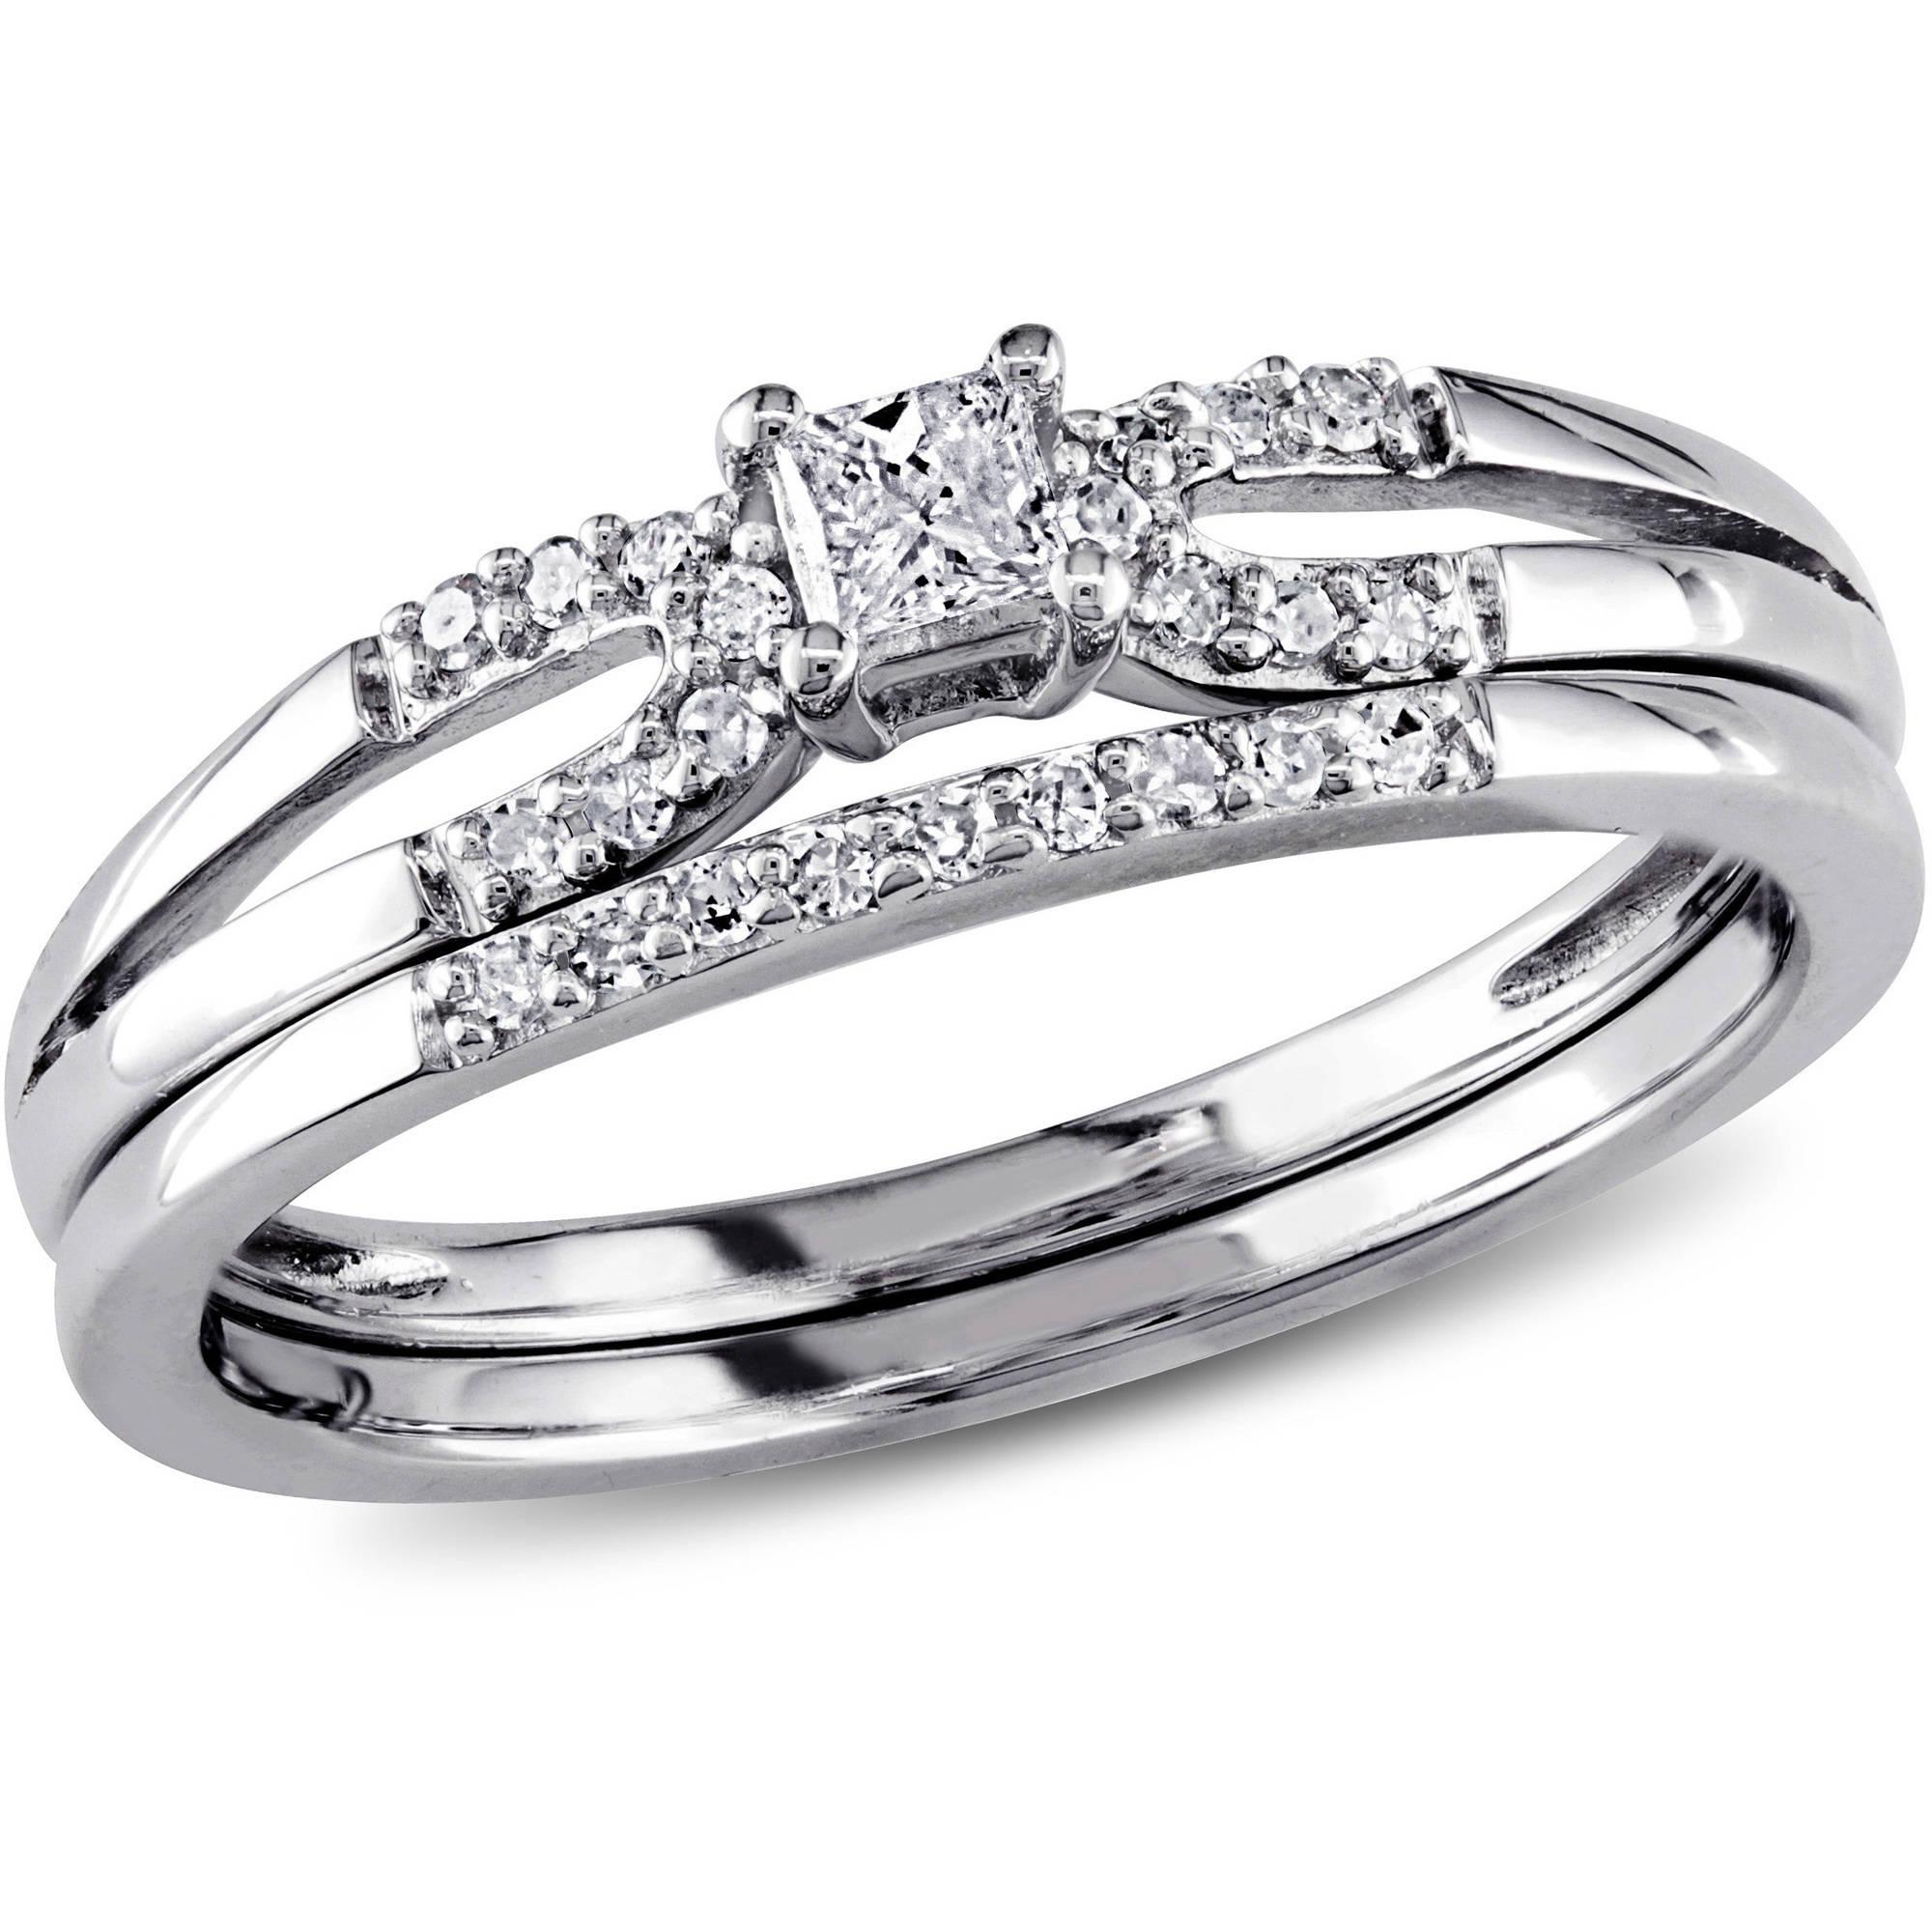 Miabella Miabella 1 5 Carat T W Princess And Round Cut Diamond